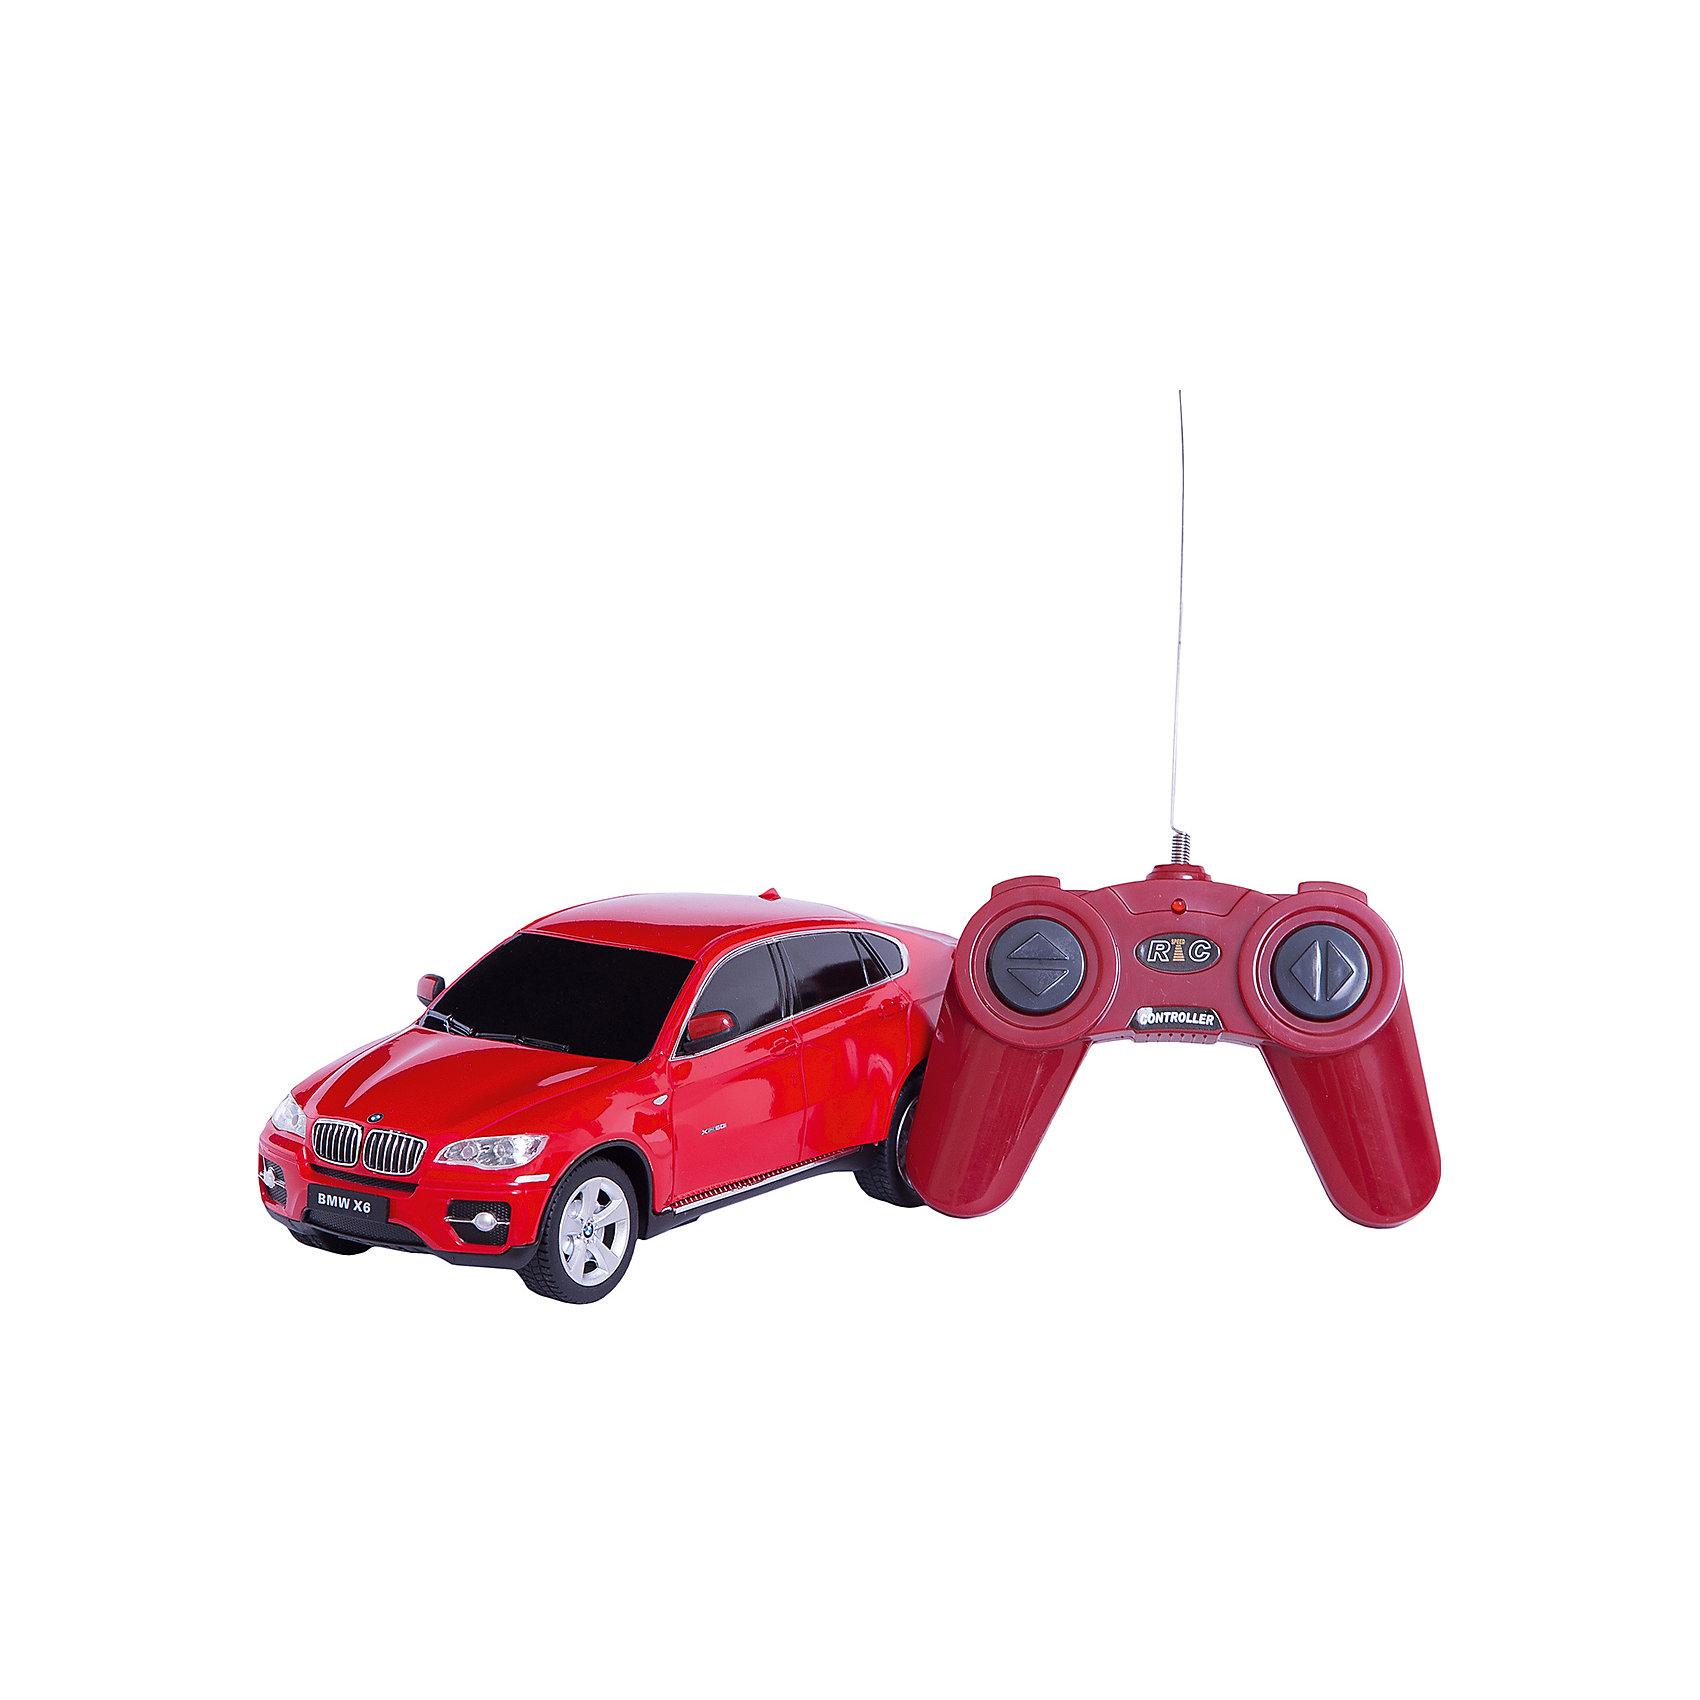 Машина bmw x6, 1:24, Р/у, со светом, RASTAR , в ассортиментеМашинки<br>Машина bmw x6, 1:24, Р/у, со светом, RASTAR , в ассортименте<br><br>Характеристики:<br><br>• Модель: bmw x6<br>• Материал: пластик, металл<br>• Размер упаковки: 7х13х18 см<br>• Размер машинки: 13х4 см<br><br>Машинка полностью повторяет внешний вид настоящей машины bmw x6. Она сможет дополнить коллекцию автомобилей или просто разнообразит игру ребенка. Игрушка сделана из качественного материала, который не только не вреден ребенку, но и очень крепок. В машинке открываются дверки и инерционный механизм. Кроме этого она оснащена звуковым и световым сопровождением.<br><br>Машина bmw x6, 1:24, Р/у, со светом, RASTAR , в ассортименте можно купить в нашем интернет-магазине.<br><br>Ширина мм: 140<br>Глубина мм: 290<br>Высота мм: 120<br>Вес г: 440<br>Возраст от месяцев: 72<br>Возраст до месяцев: 180<br>Пол: Мужской<br>Возраст: Детский<br>SKU: 4950401